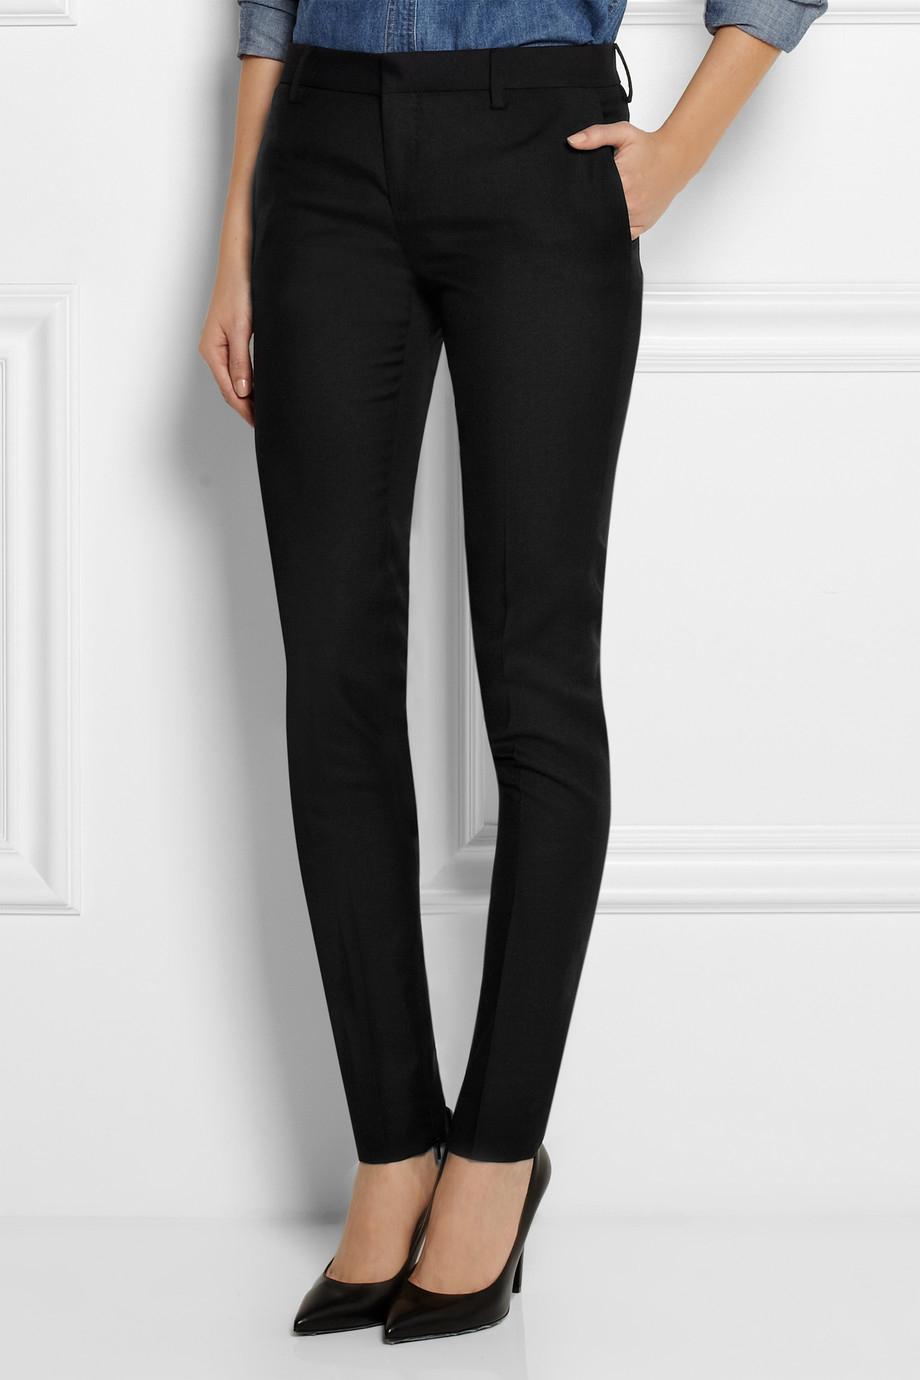 Saint Laurent gabardine skinny trousers Best Place Sale Online D1hUb7jC